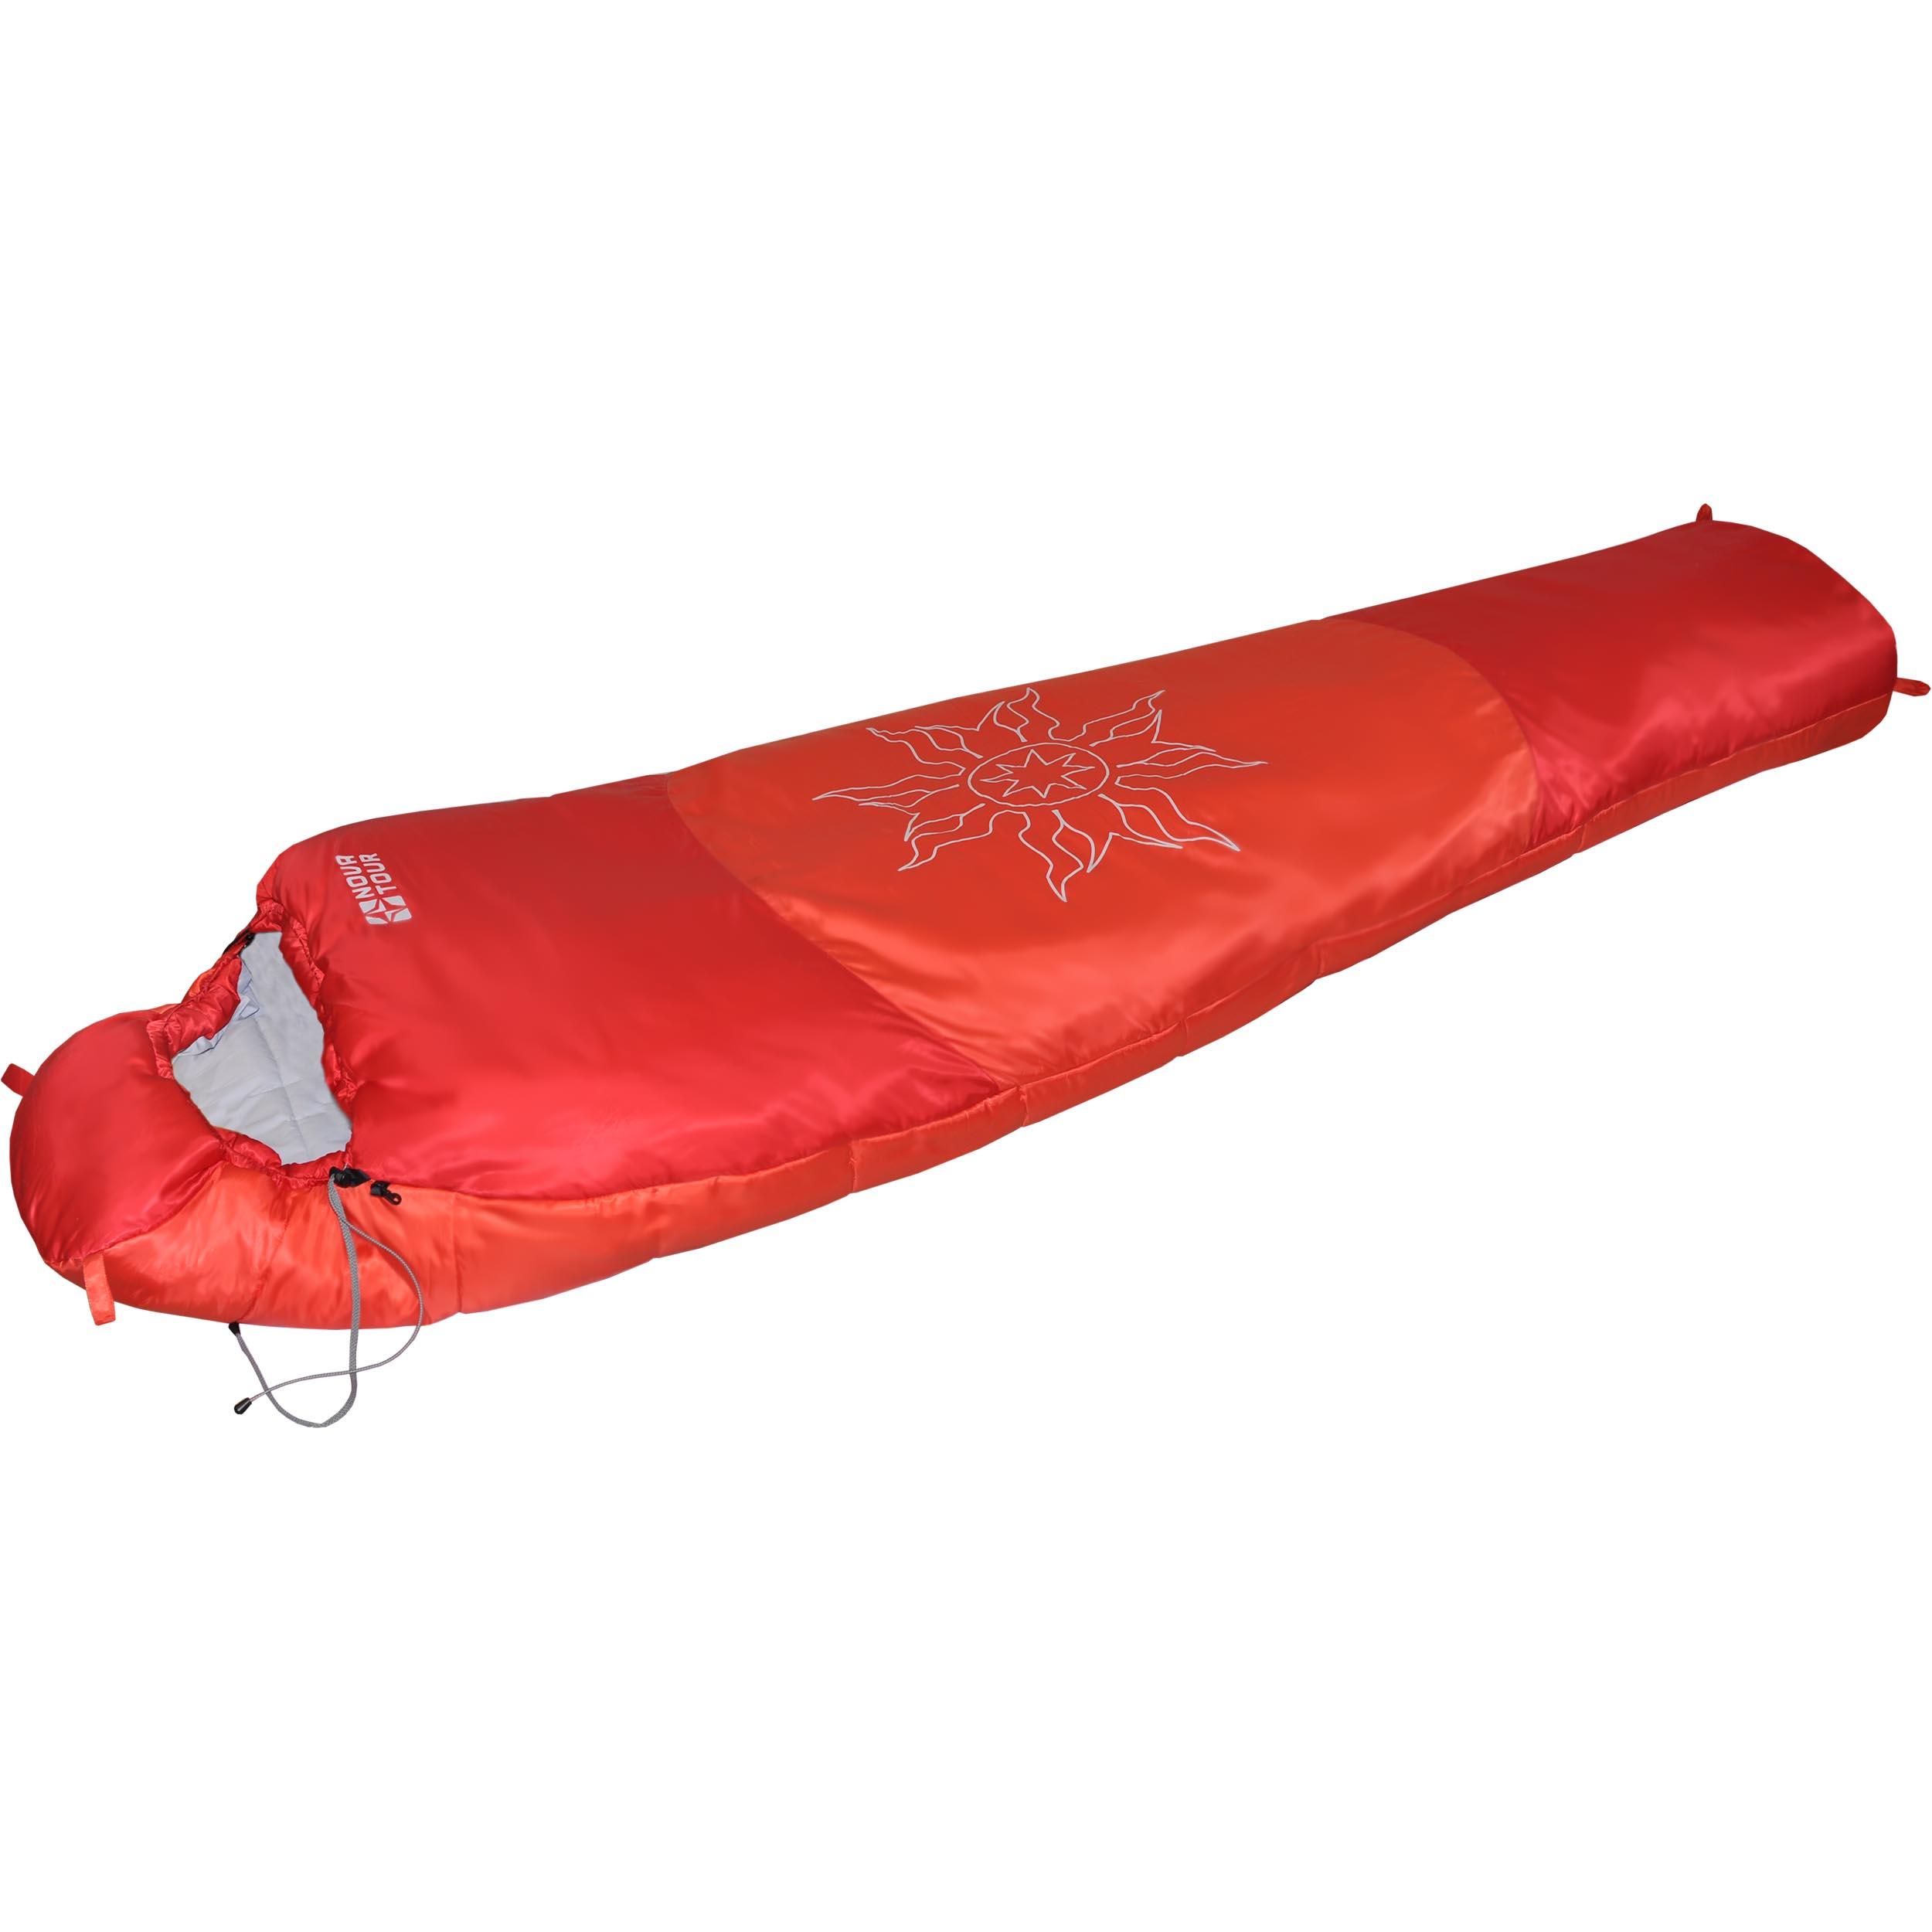 Спальный мешок Nova Tour Ямал -30 XL V2, цвет: красный, левосторонняя молния67744Зимний спальный мешок Nova Tour Ямал -30 XL V2 имеет конструкцию кокон. Он предназначен для использования при очень низких температурах. Утягивающийся капюшон и шейный воротник сохраняют тепло. Двухзамковая молния позволяет состегнуть два спальных мешка левого и правого исполнения в один двойной. Компрессионный мешок в комплекте.Длина мешка: 230 см.